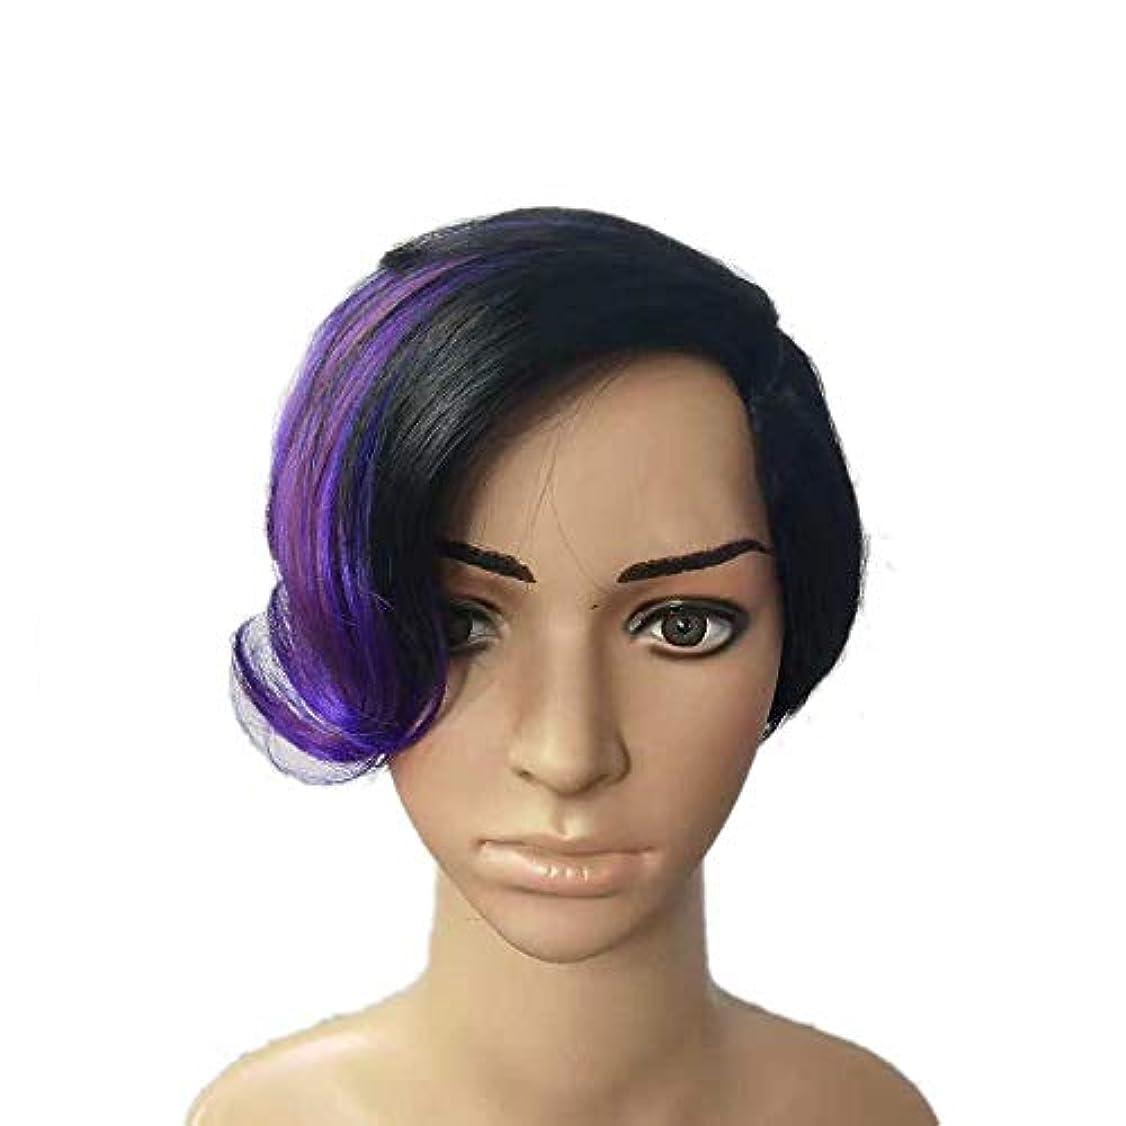 電球サスティーン穿孔するYOUQIU 女性の黒のハイライトパープルショートカーリーヘアウィッグコスプレパーティードレスウィッグ (色 : Photo Color)